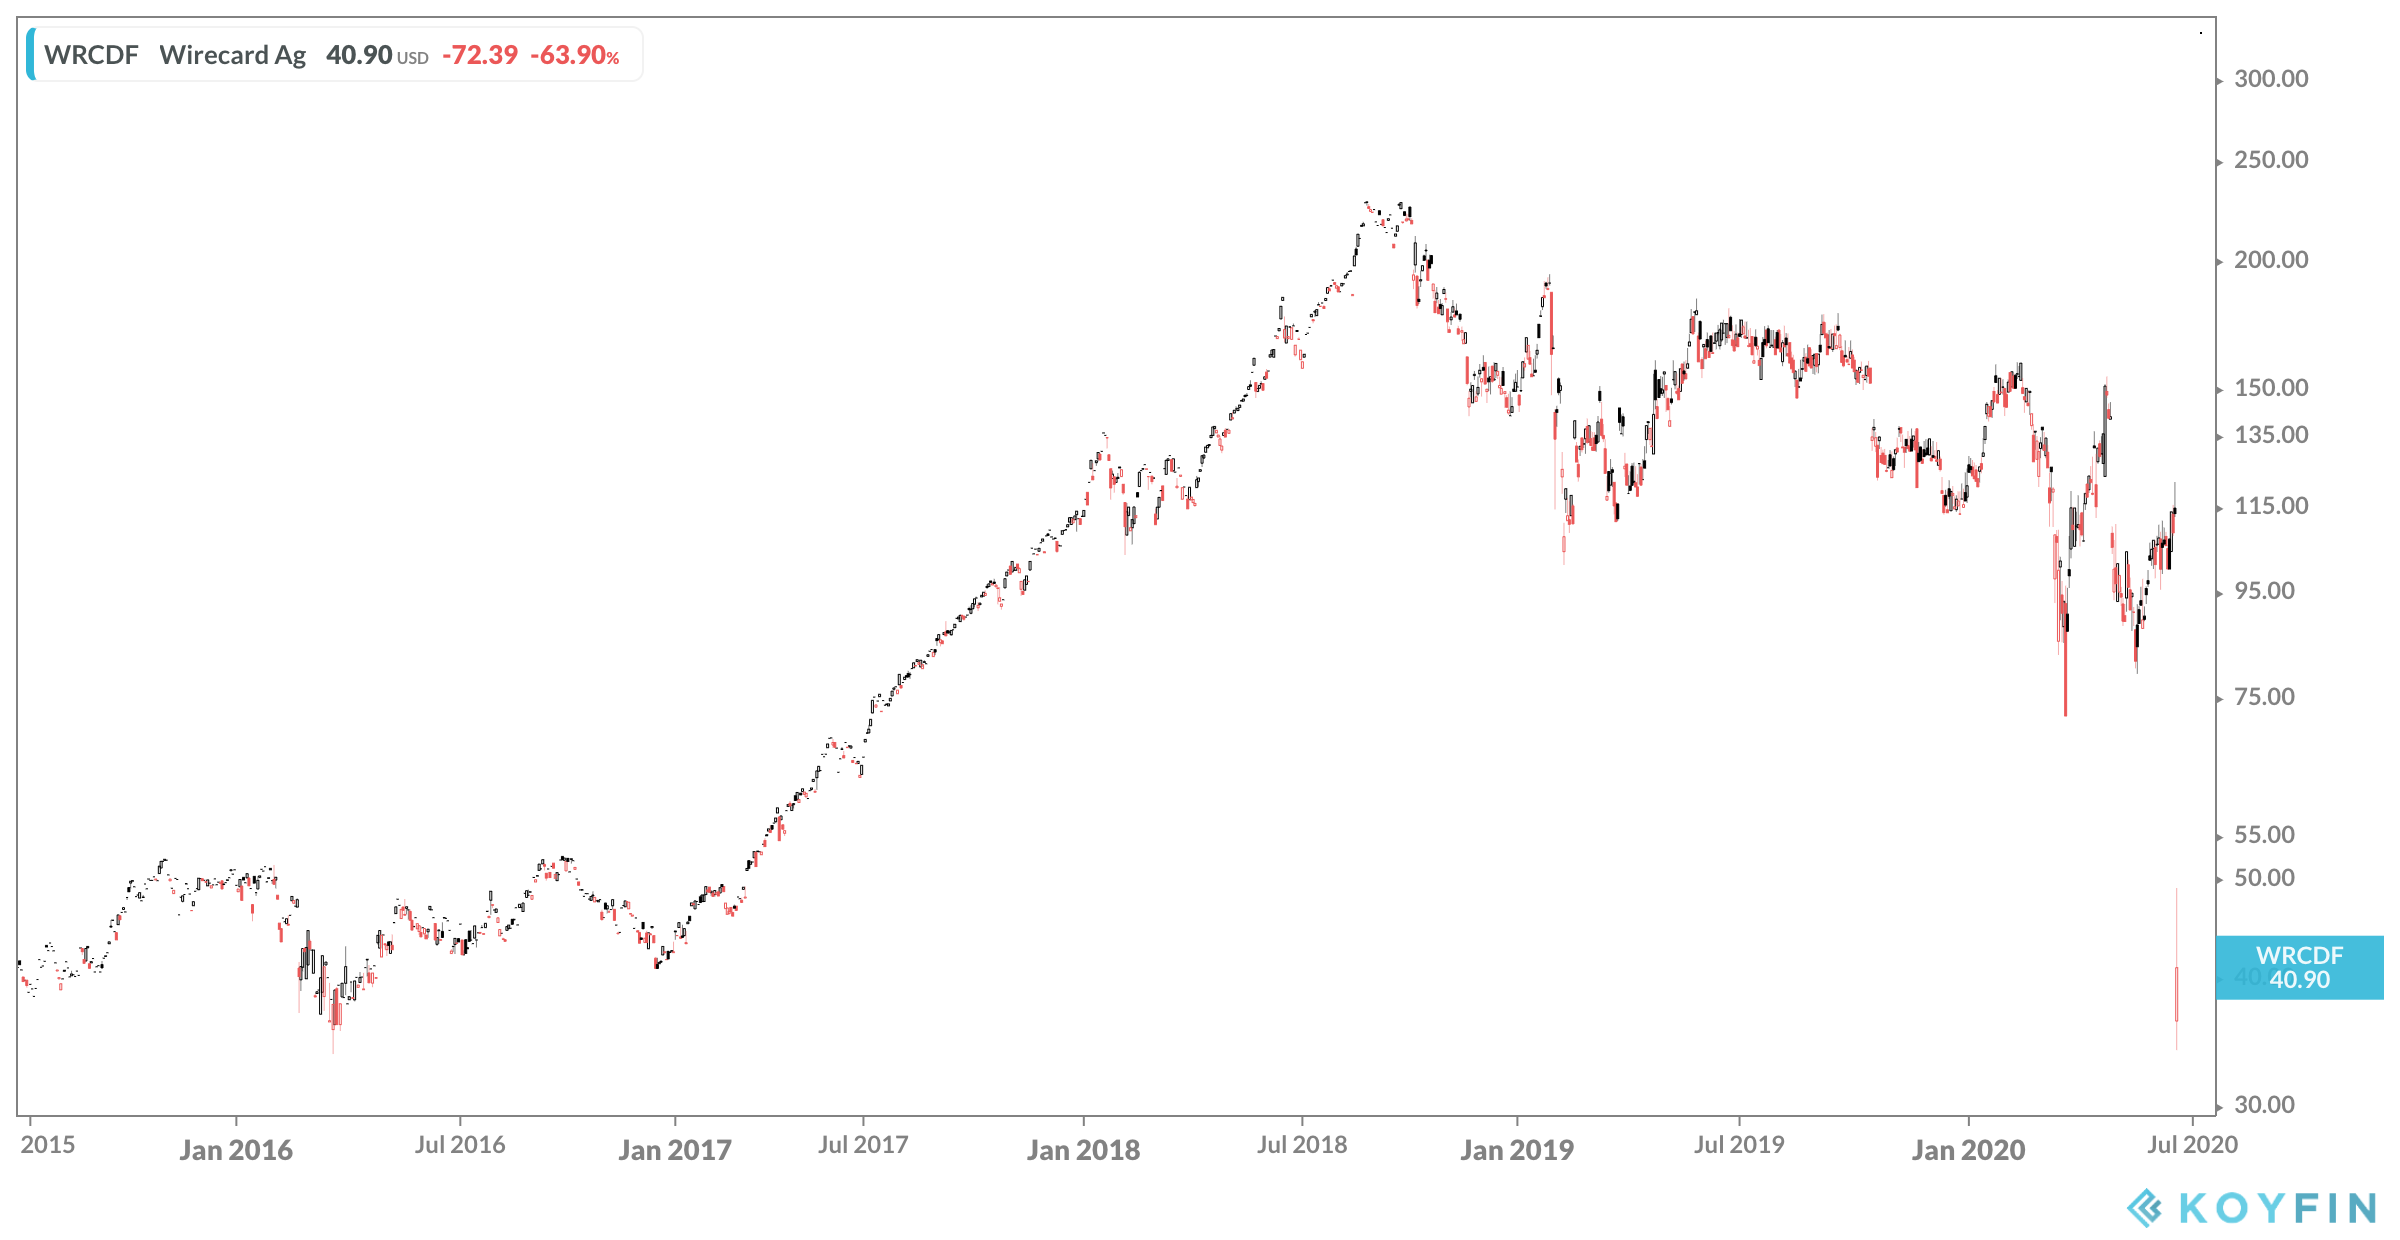 Wirecard Stock Price Chart